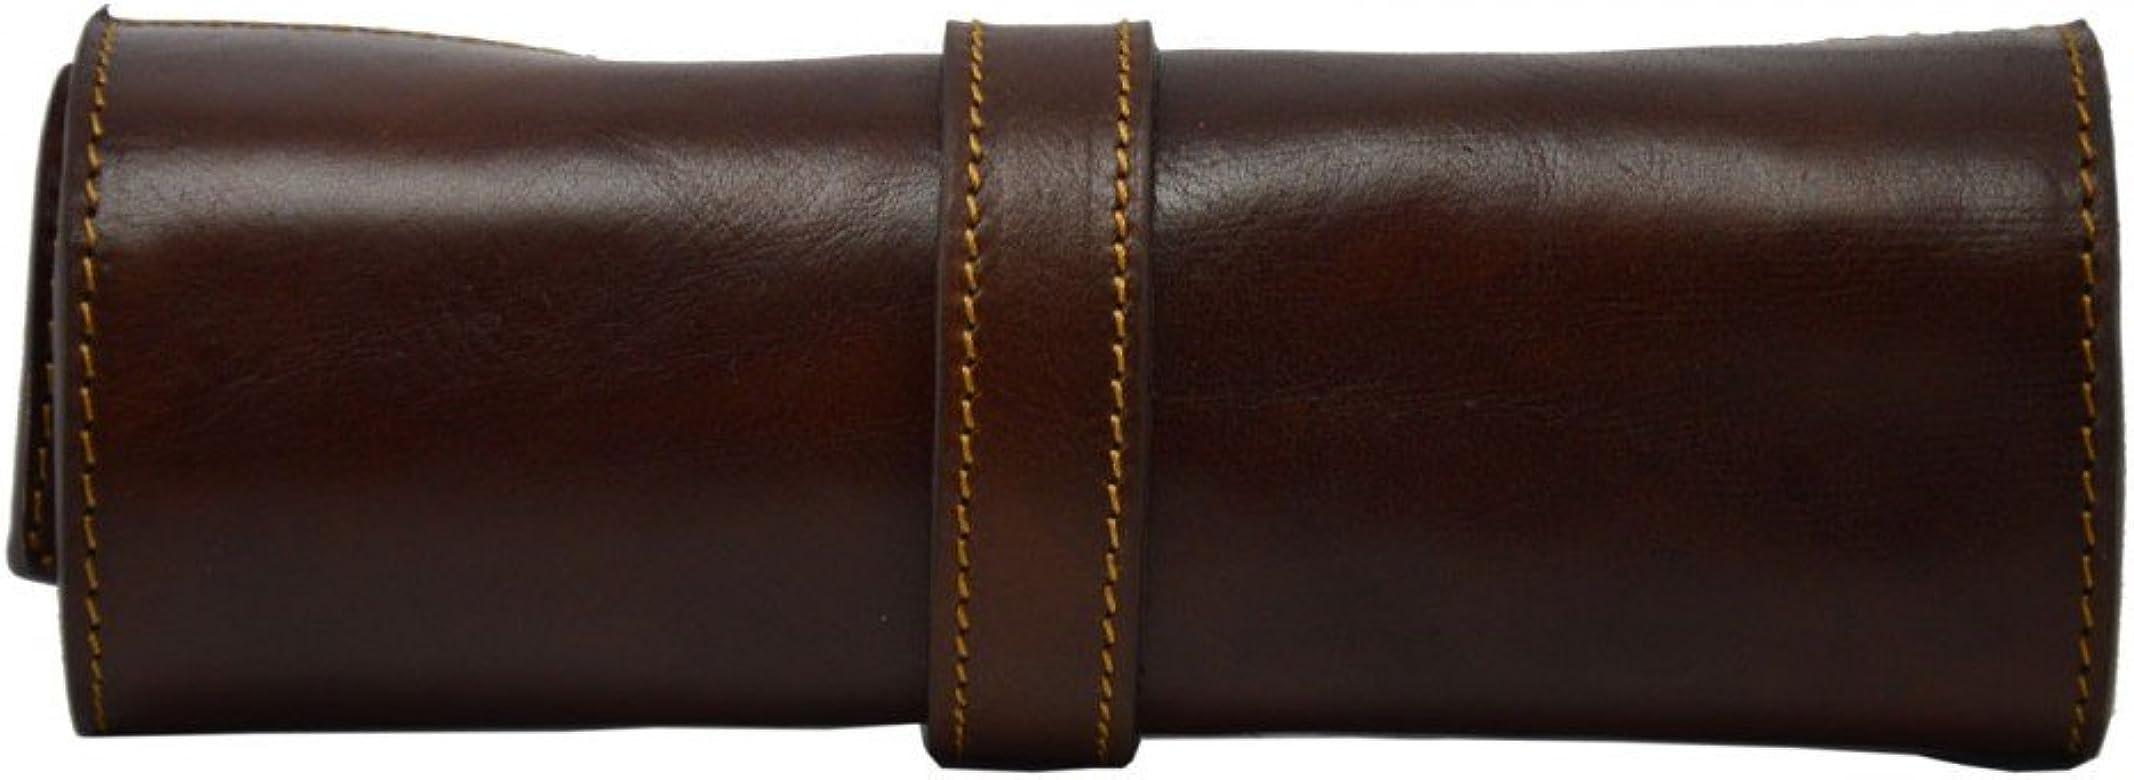 Estuche Para Bolígrafos En Piel Verdadera Color Marrón - Peleteria Echa En Italia - Accesorios: Amazon.es: Zapatos y complementos